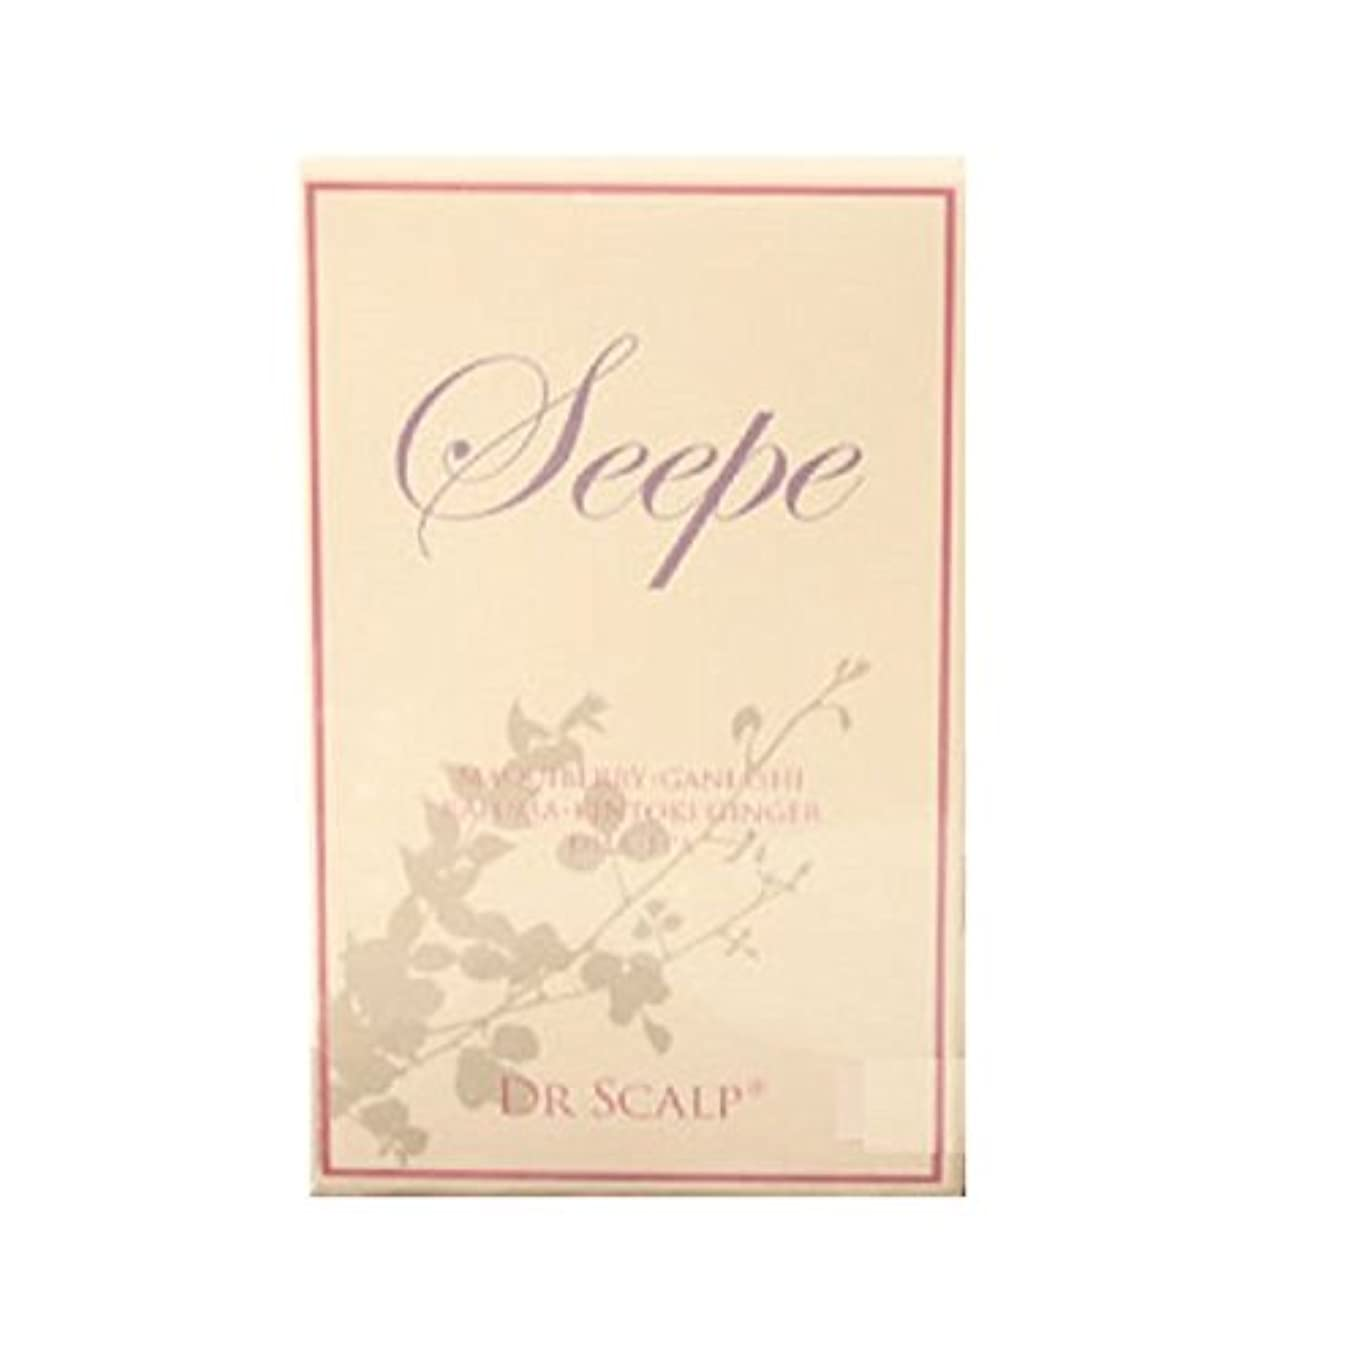 実り多い第二画像ドクタースカルプ DR.SCALP(ドクタースカルプ)SEEPE(シープ) (サプリメント)※プロジェクトサプリメントのリニューアル商品です《60粒》